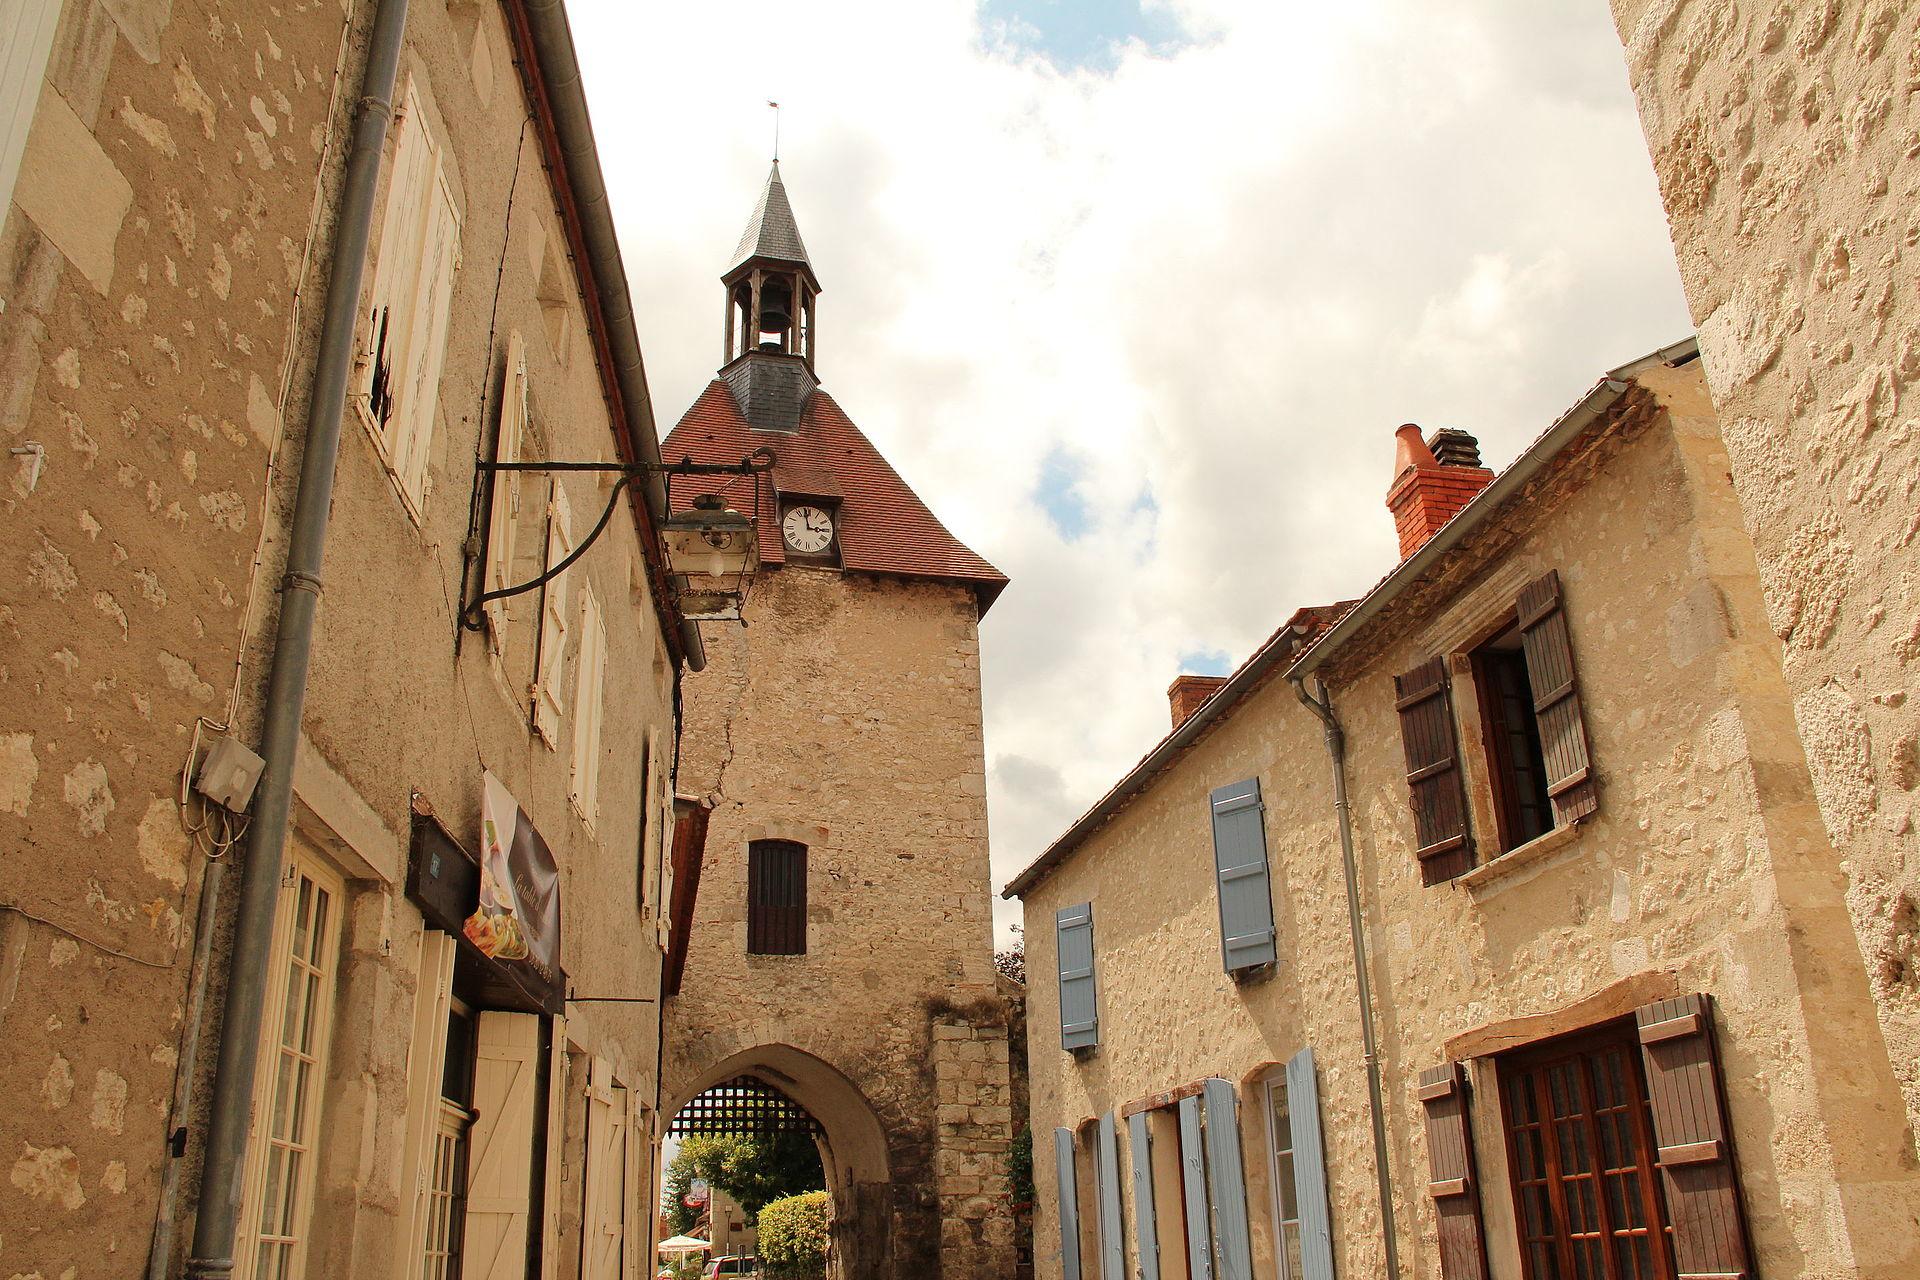 Charroux - La Tour de l'Horloge